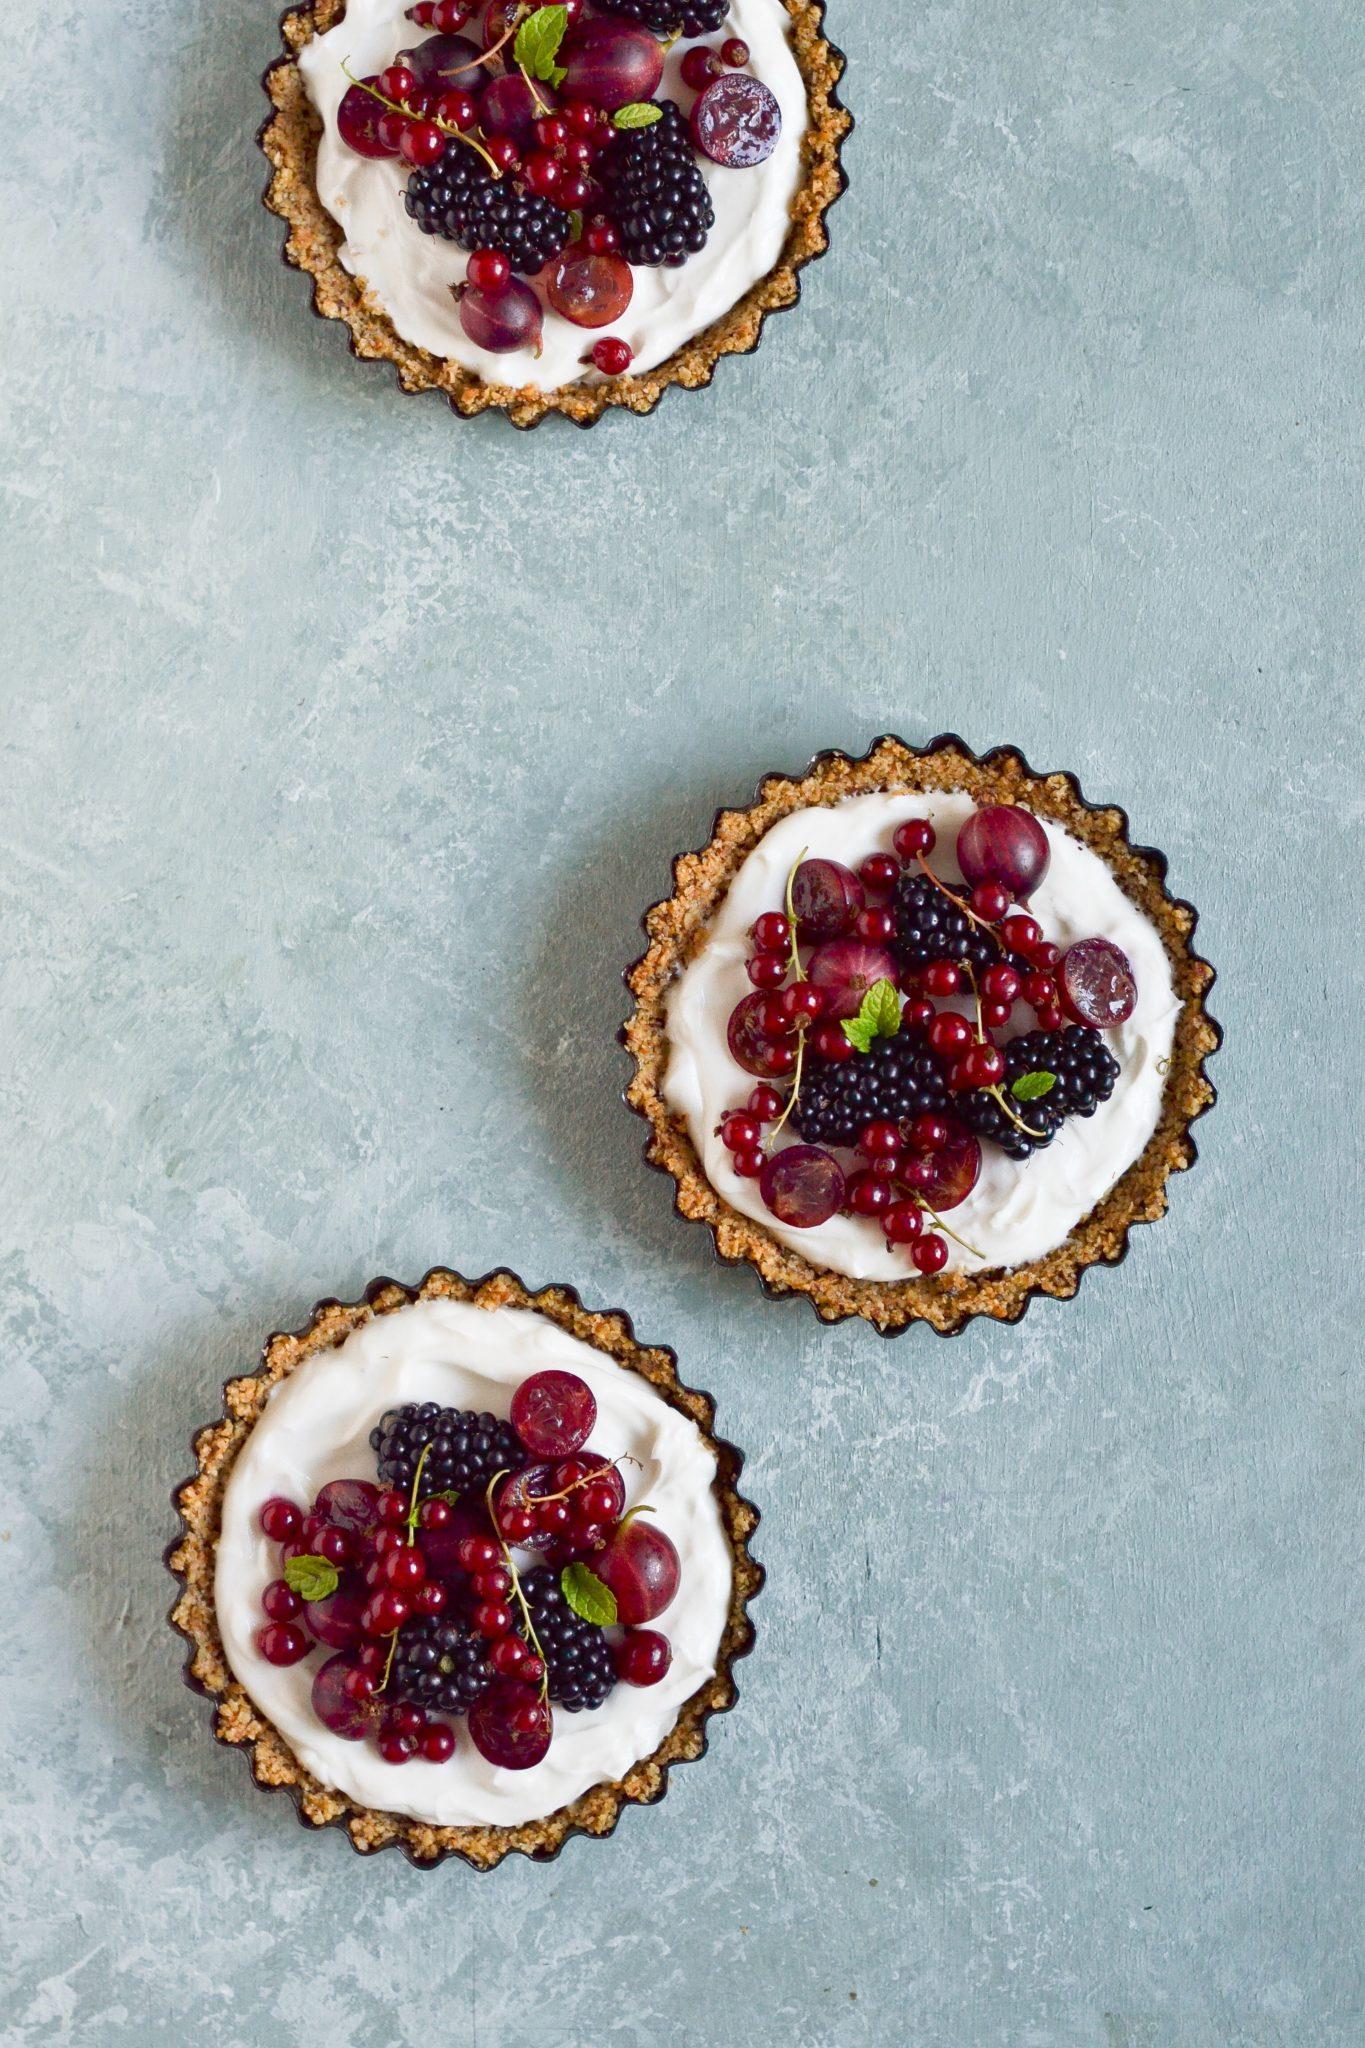 morgenmadstærter med bær og græsk yoghurt